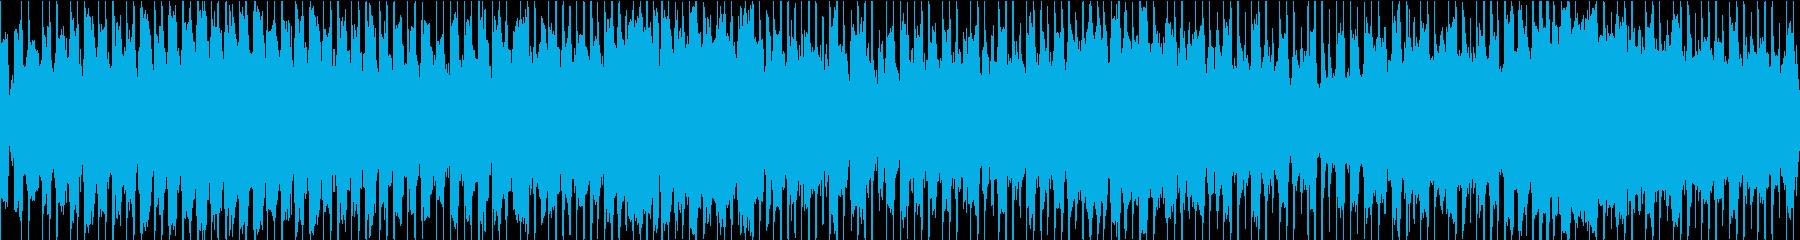 きらめき・シンプルで汎用性のあるループの再生済みの波形